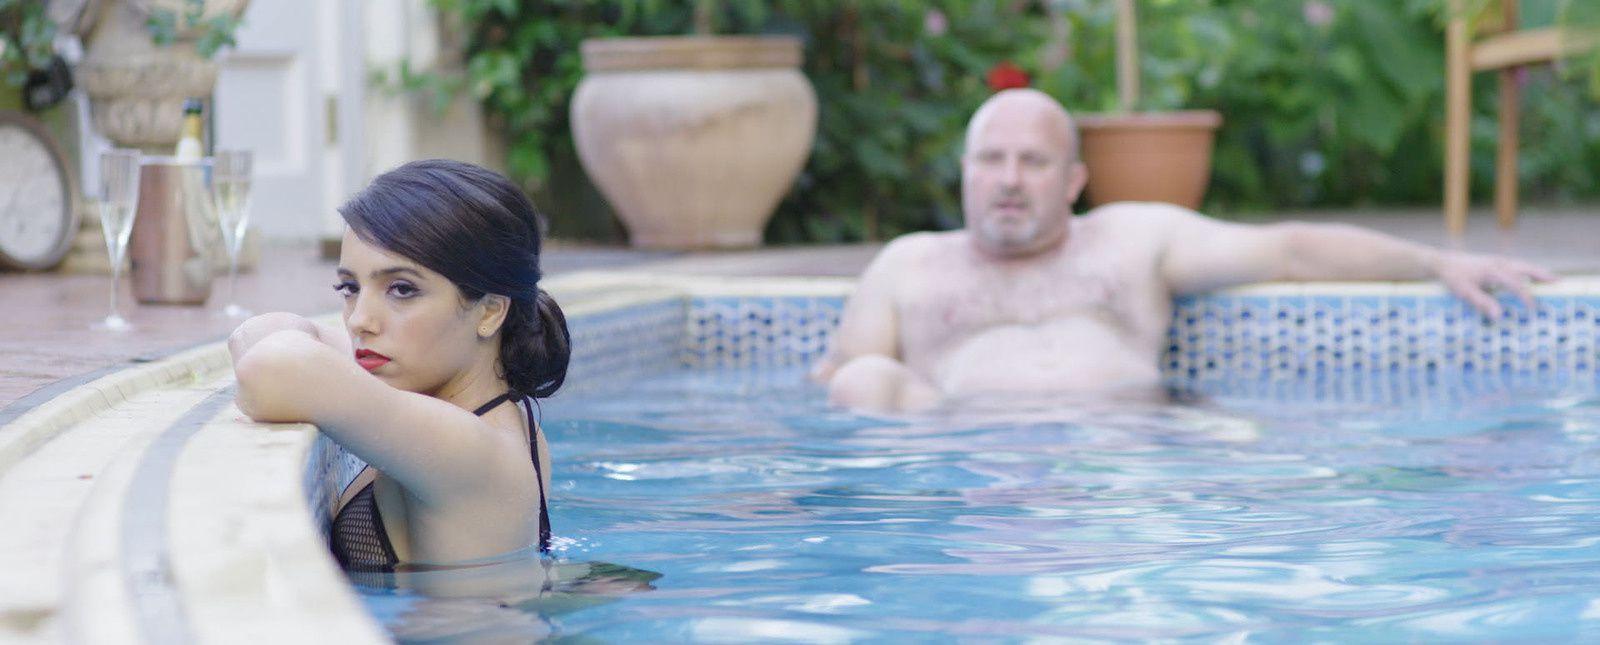 Sex Doll (BANDE ANNONCE) avec Hafsia Herzi, Ash Stymest, Karole Rocher - Le 7 décembre 2016 au cinéma